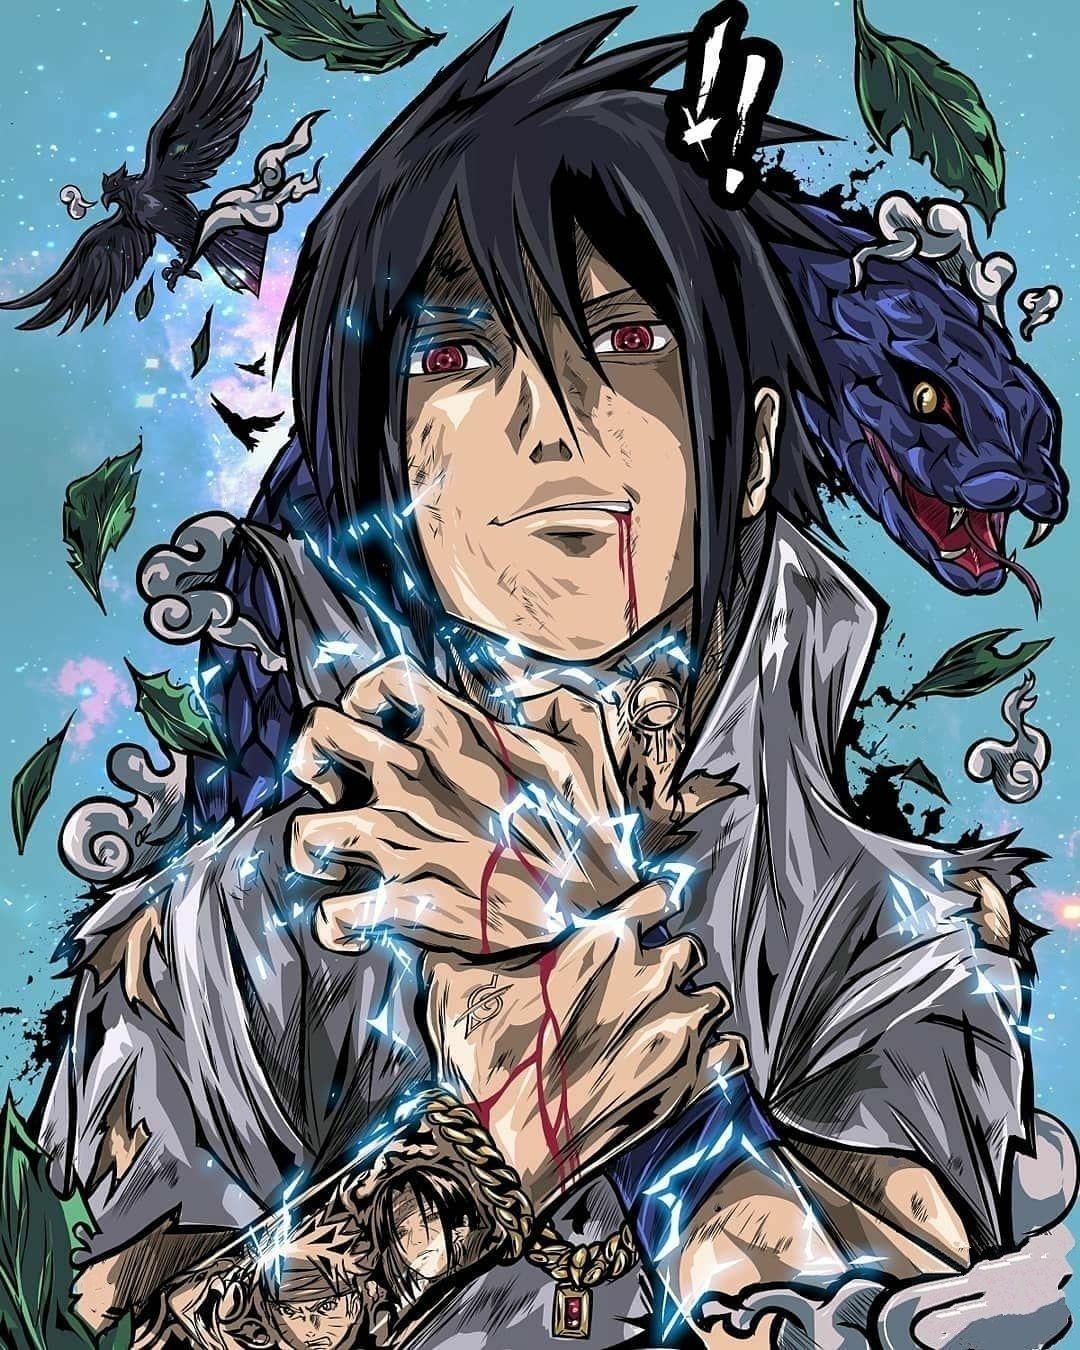 Sasuke Sasuke Thanksgivingwallpaperphone In 2020 Naruto Art Anime Naruto Naruto Shippuden Anime